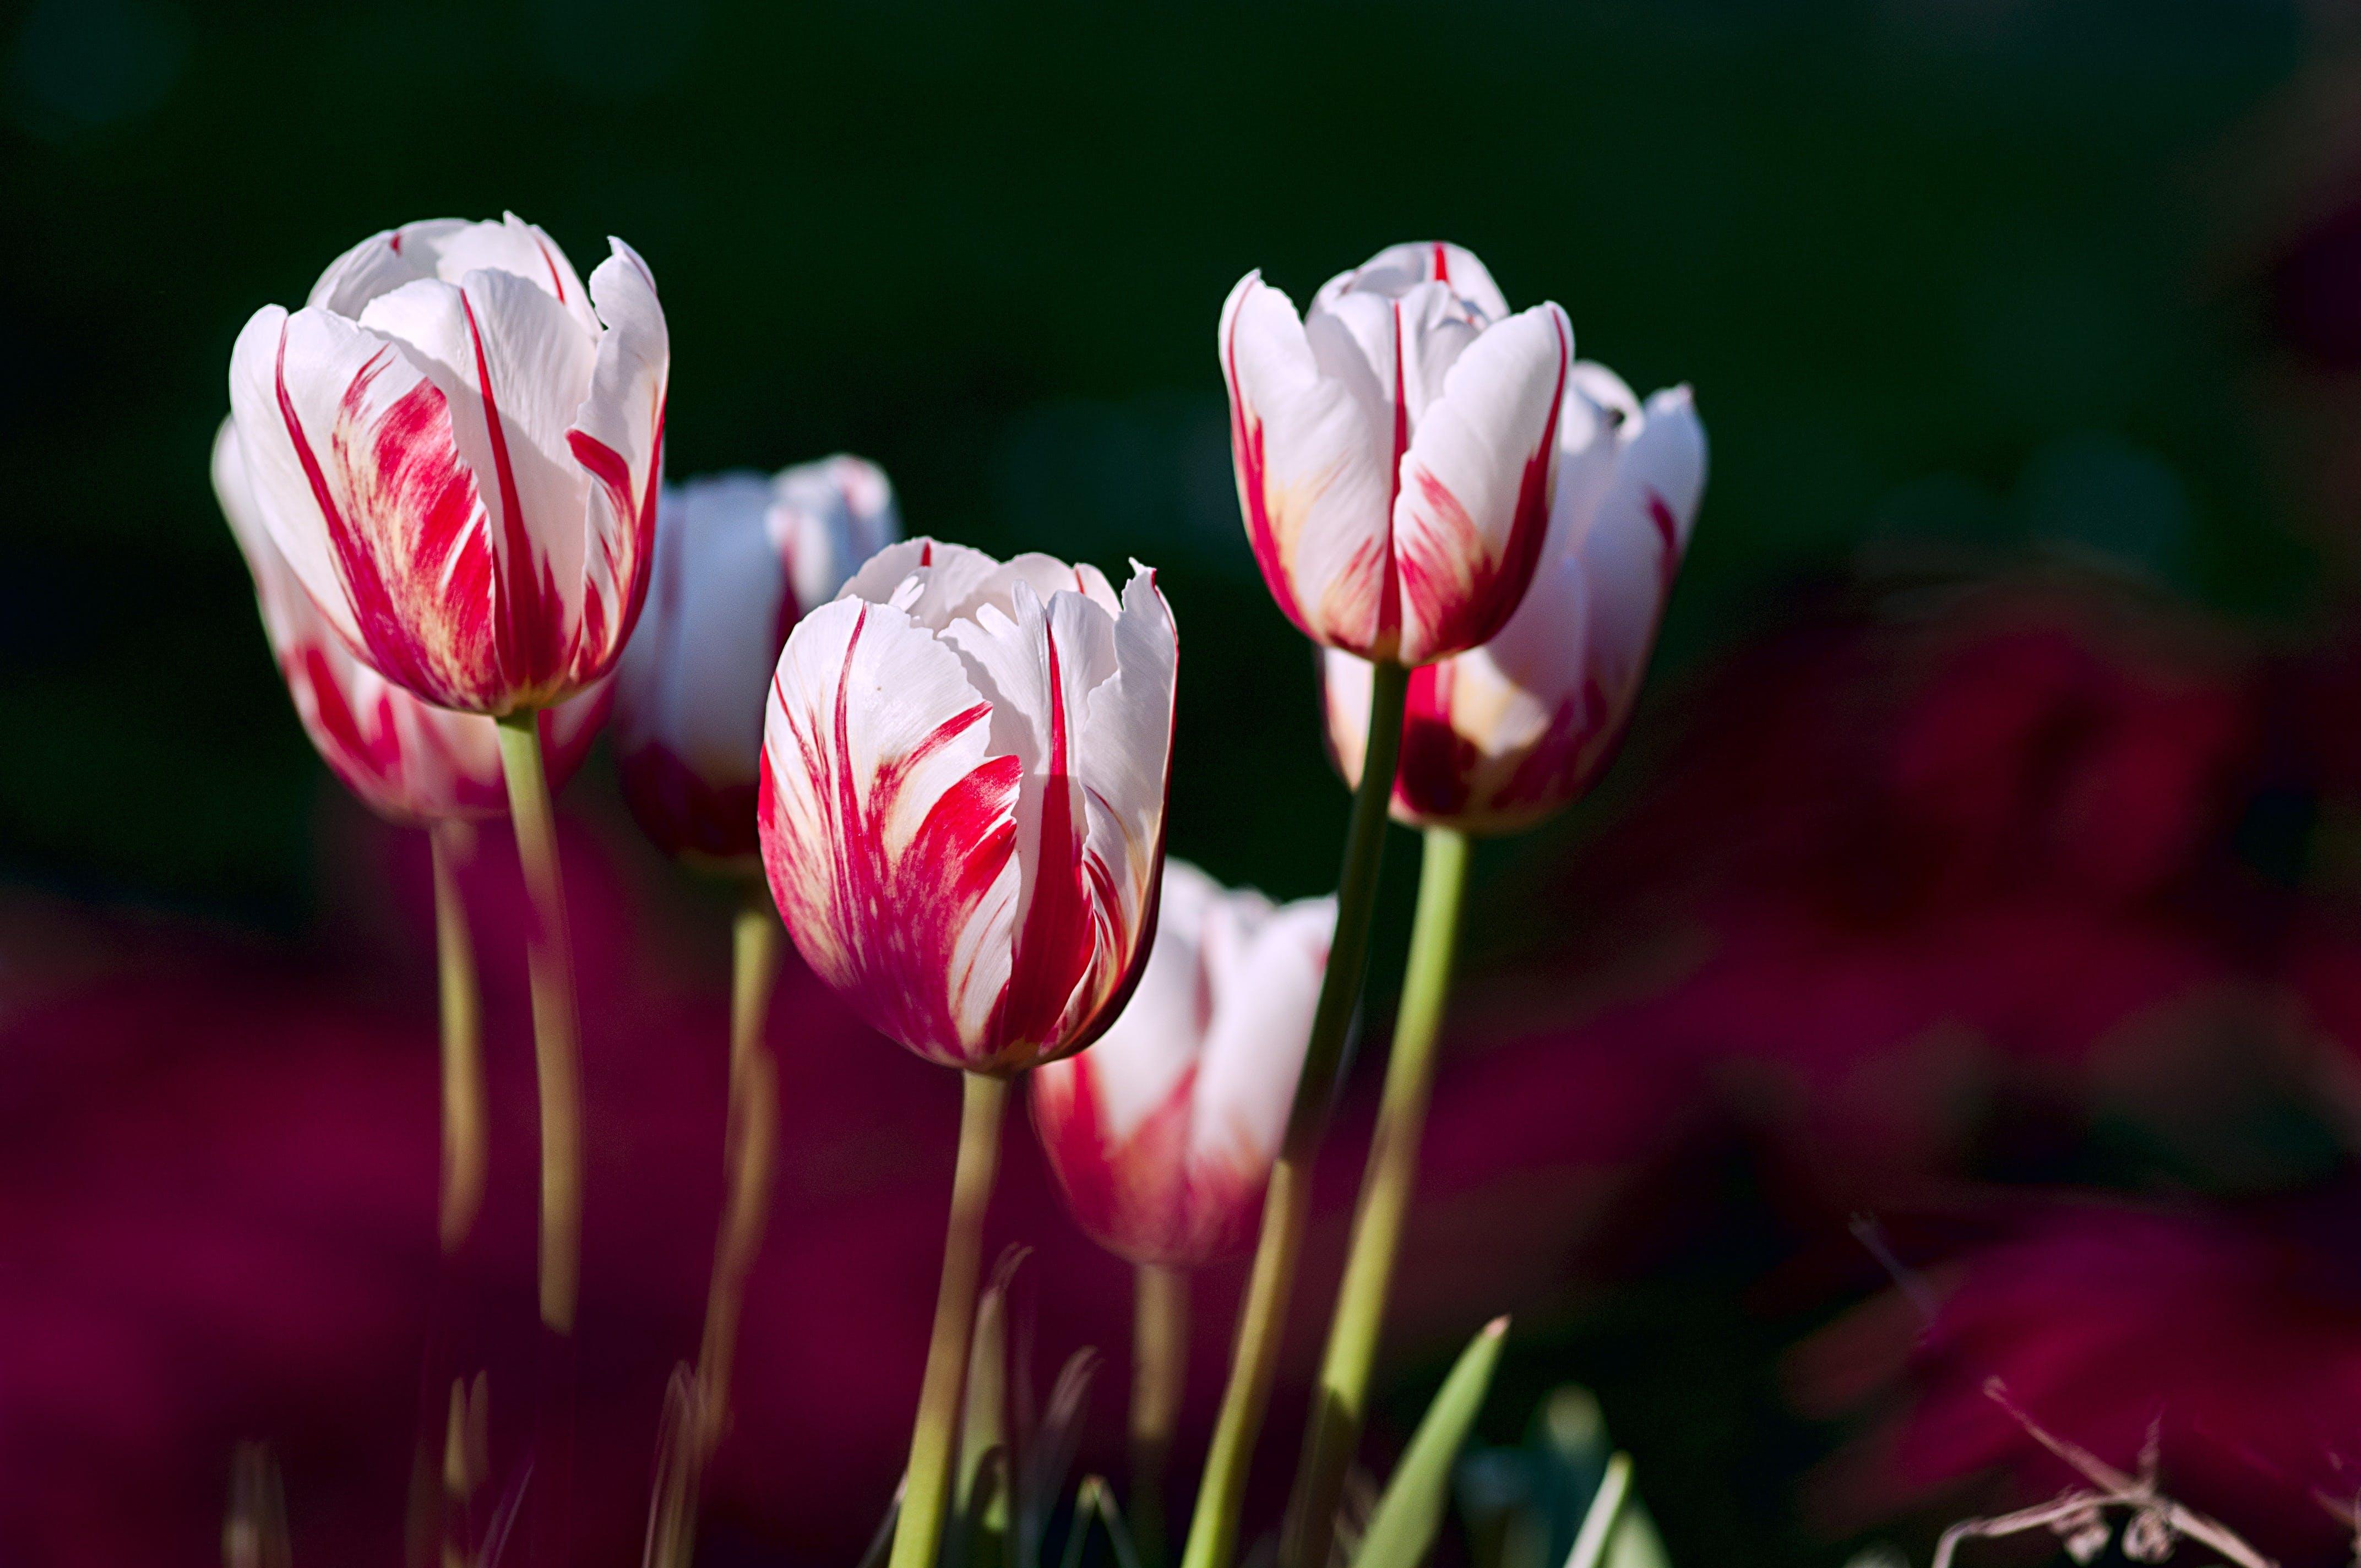 꽃, 식물군, 자연의 무료 스톡 사진